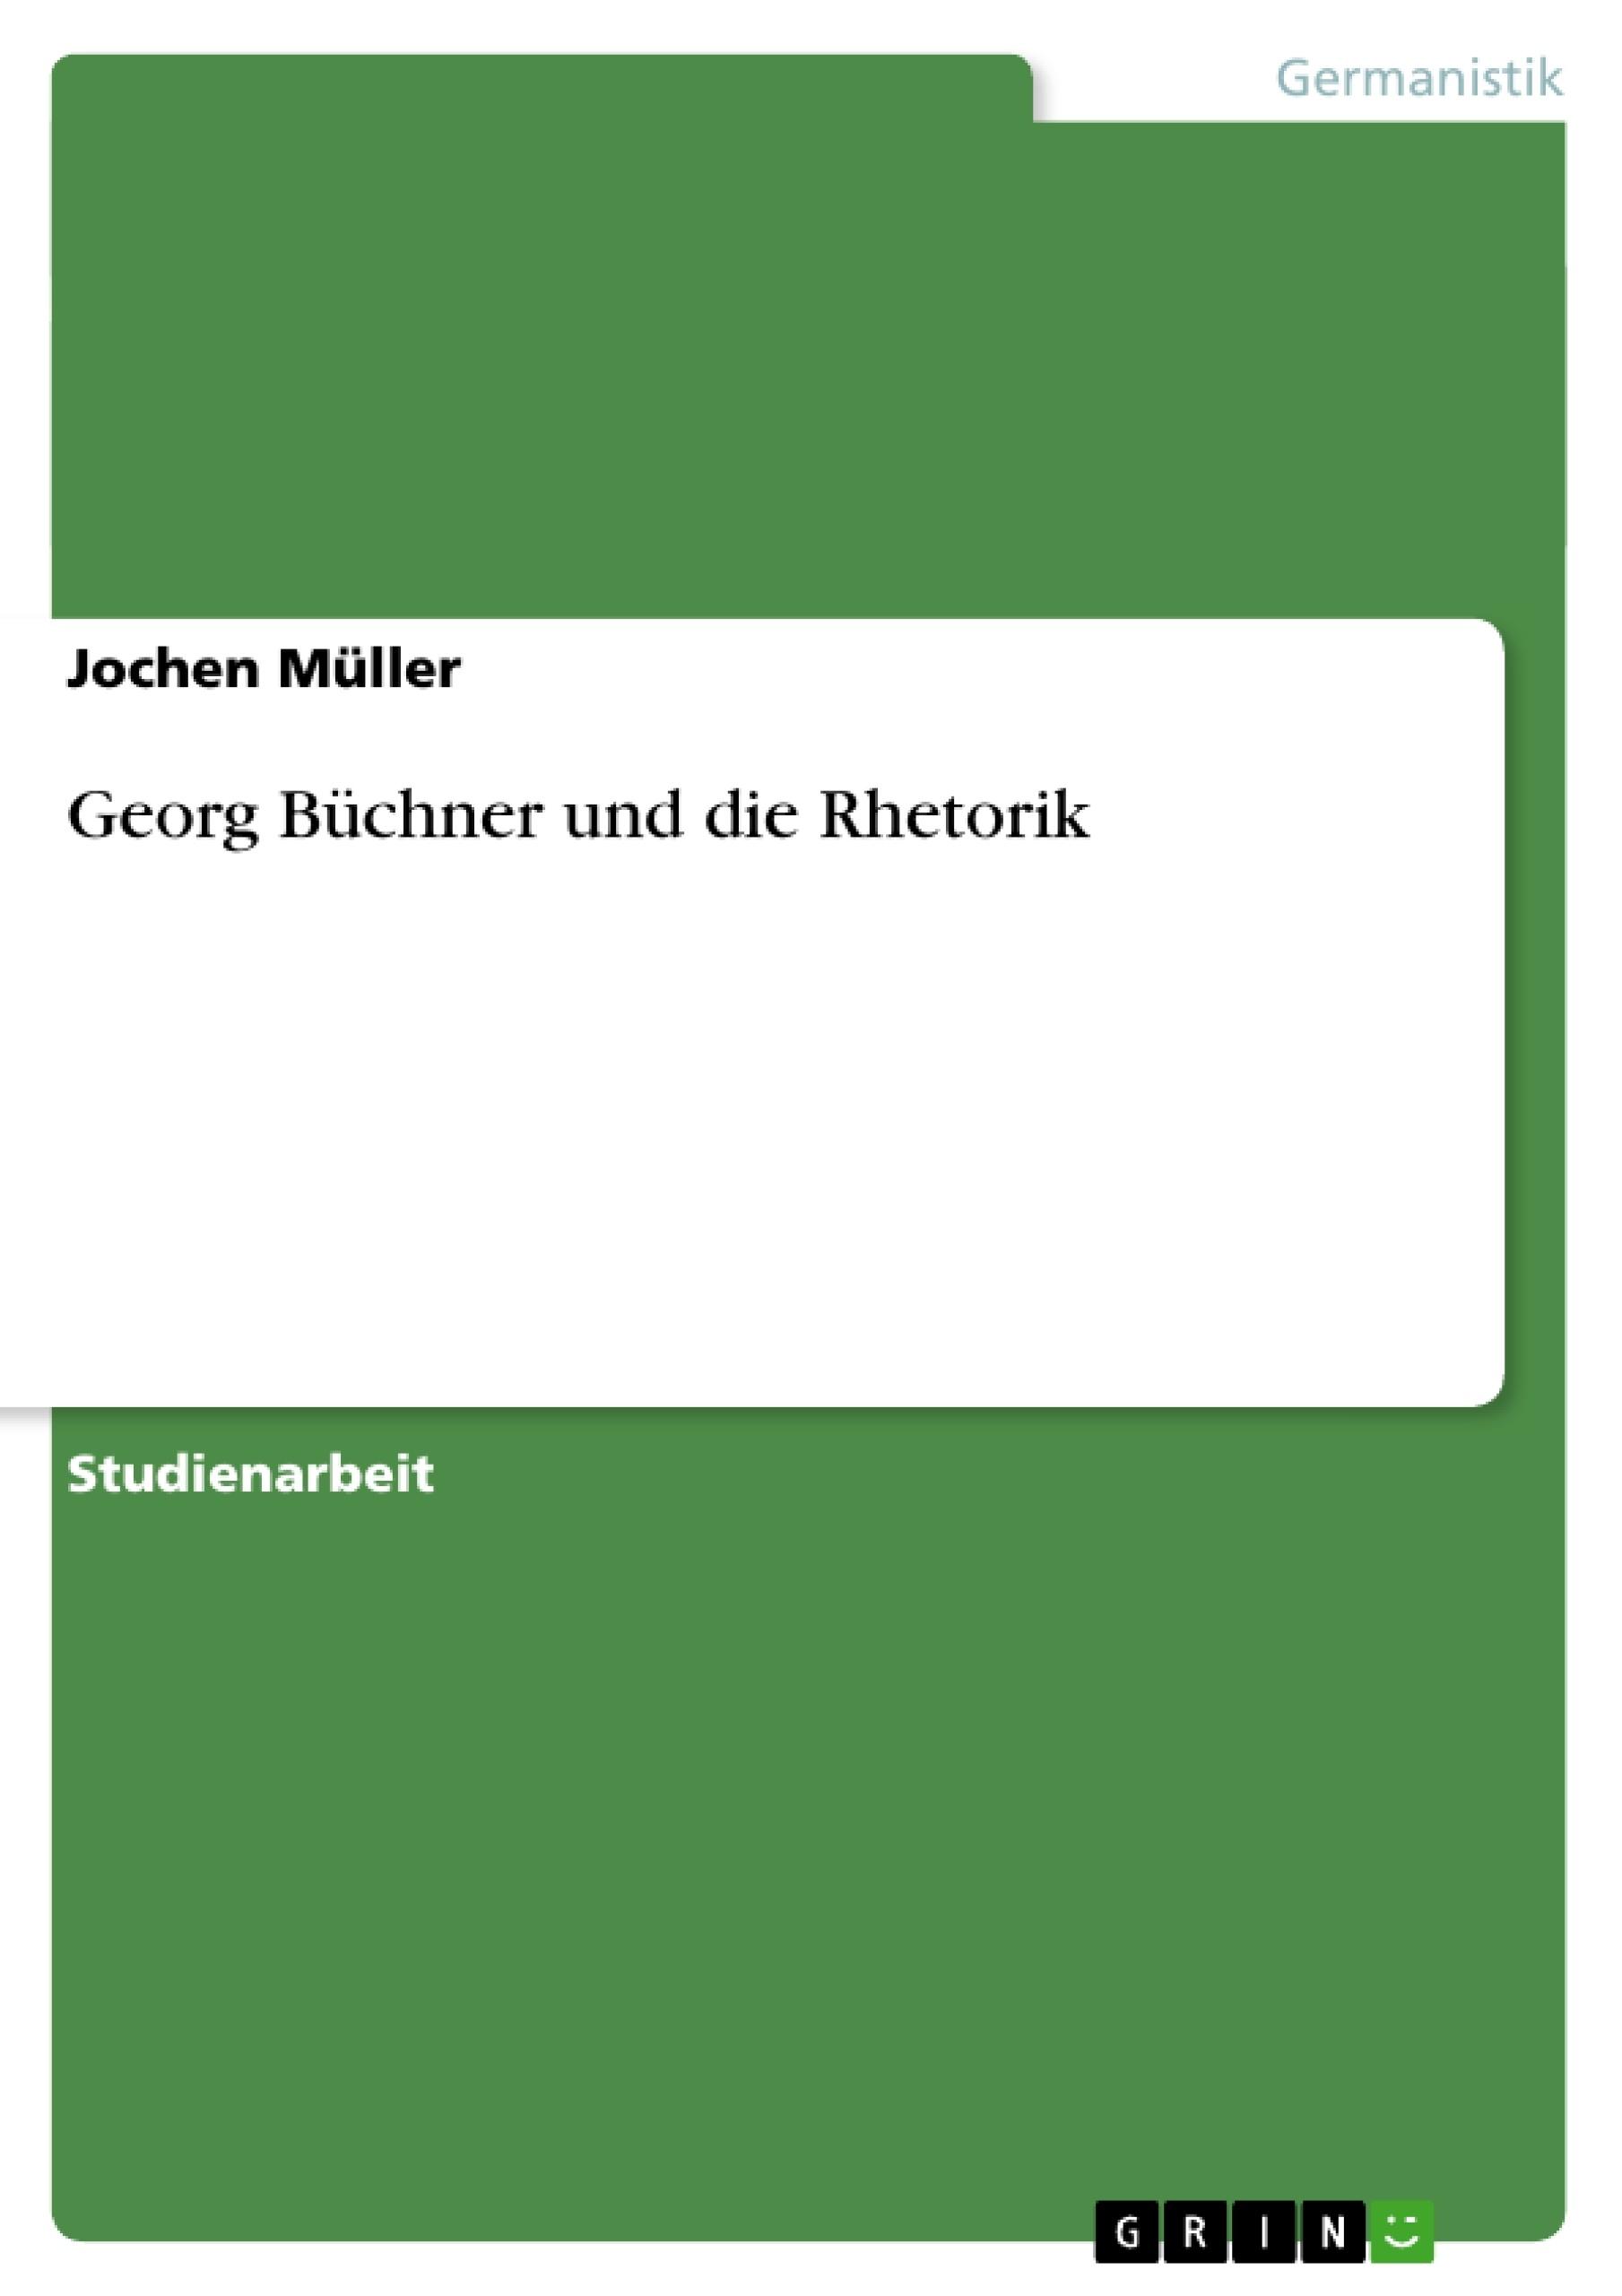 Fein Anatomie Der Verfassung Arbeitsblatt Bilder - Super Lehrer ...